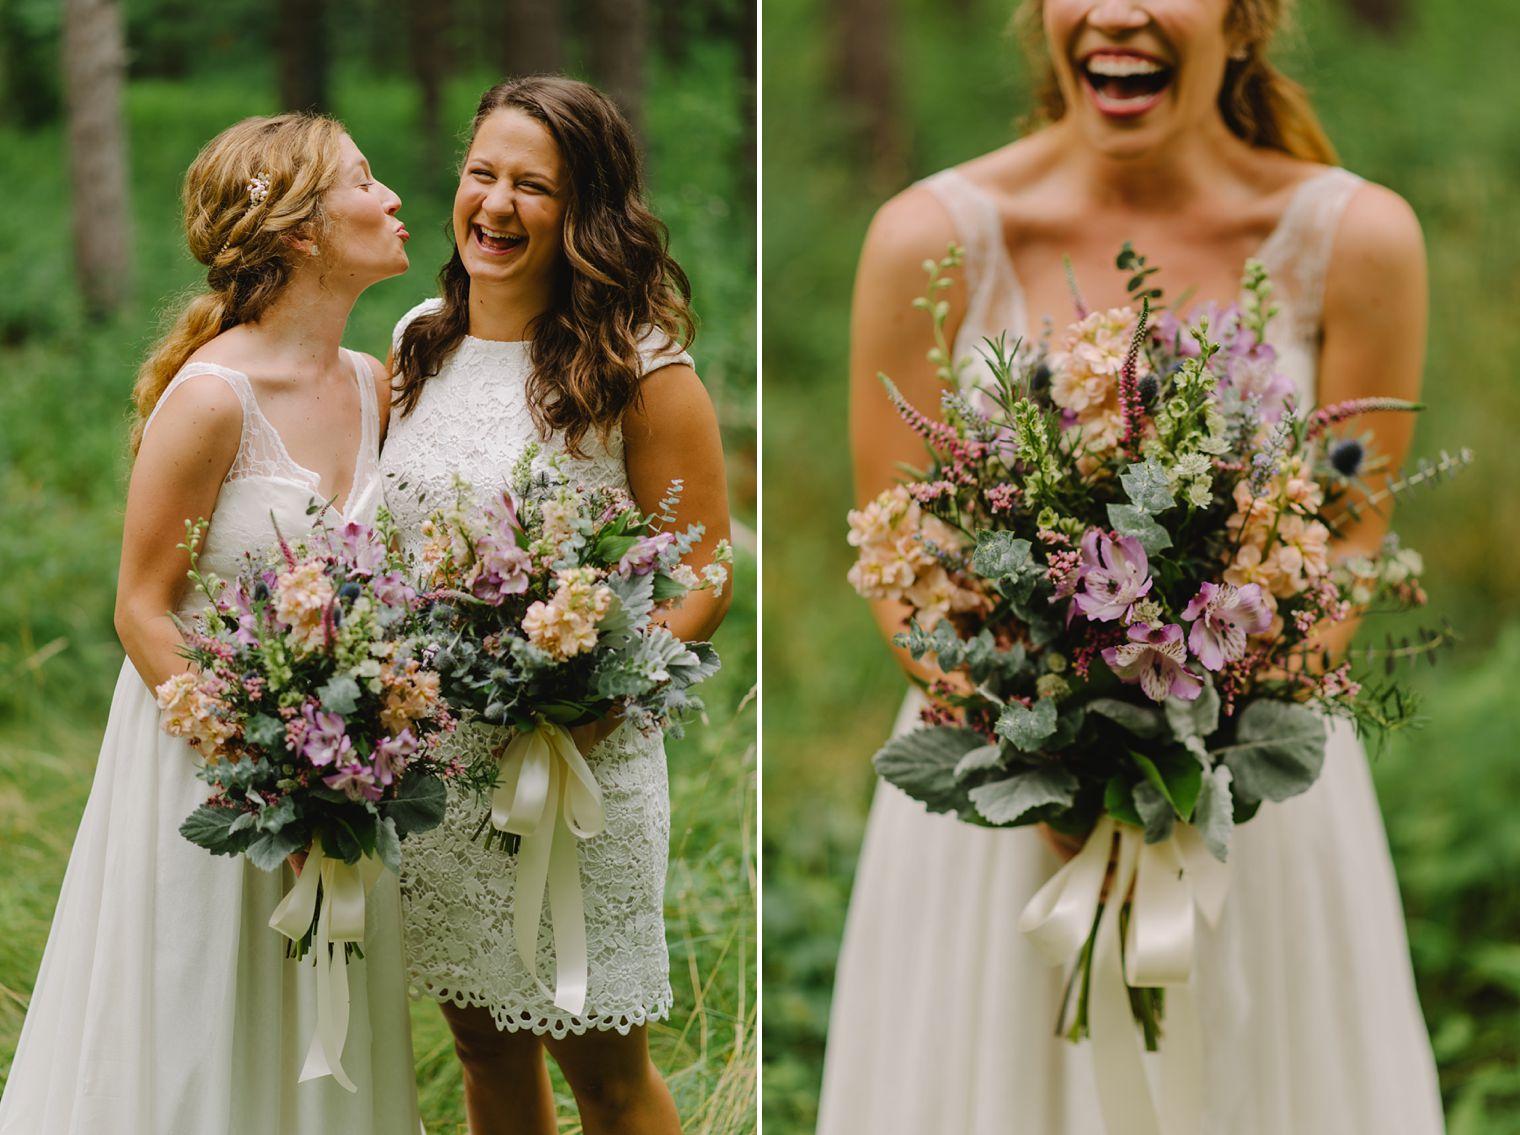 Occonomowoc wildflower wedding